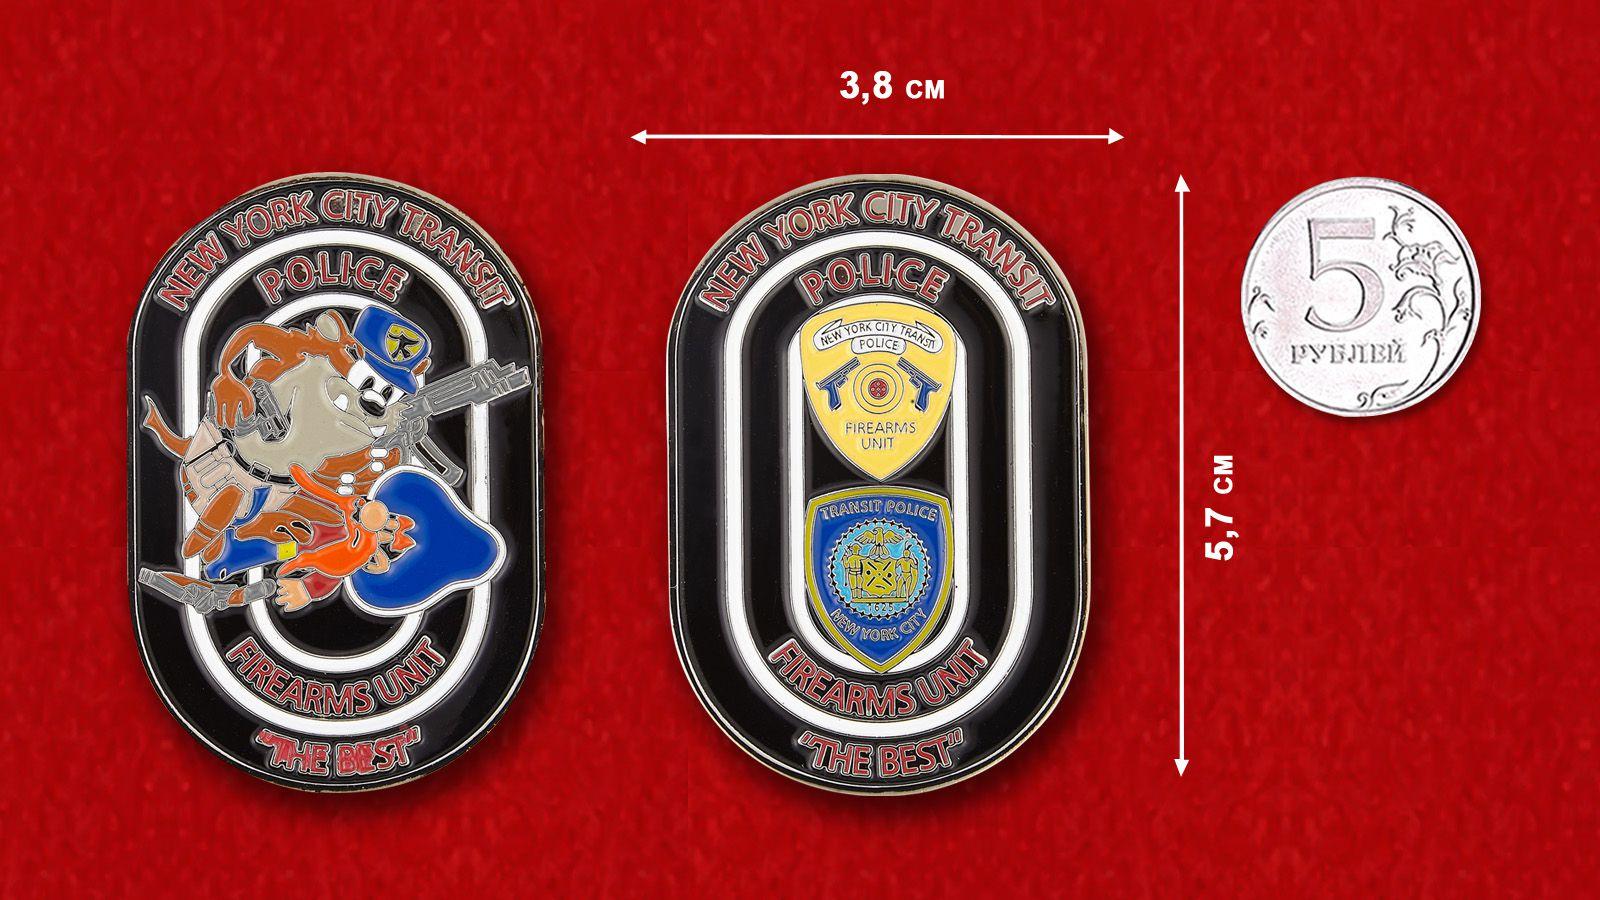 Челлендж коин Департамента городского транспорта полиции Нью-Йорка - сравнительный размер